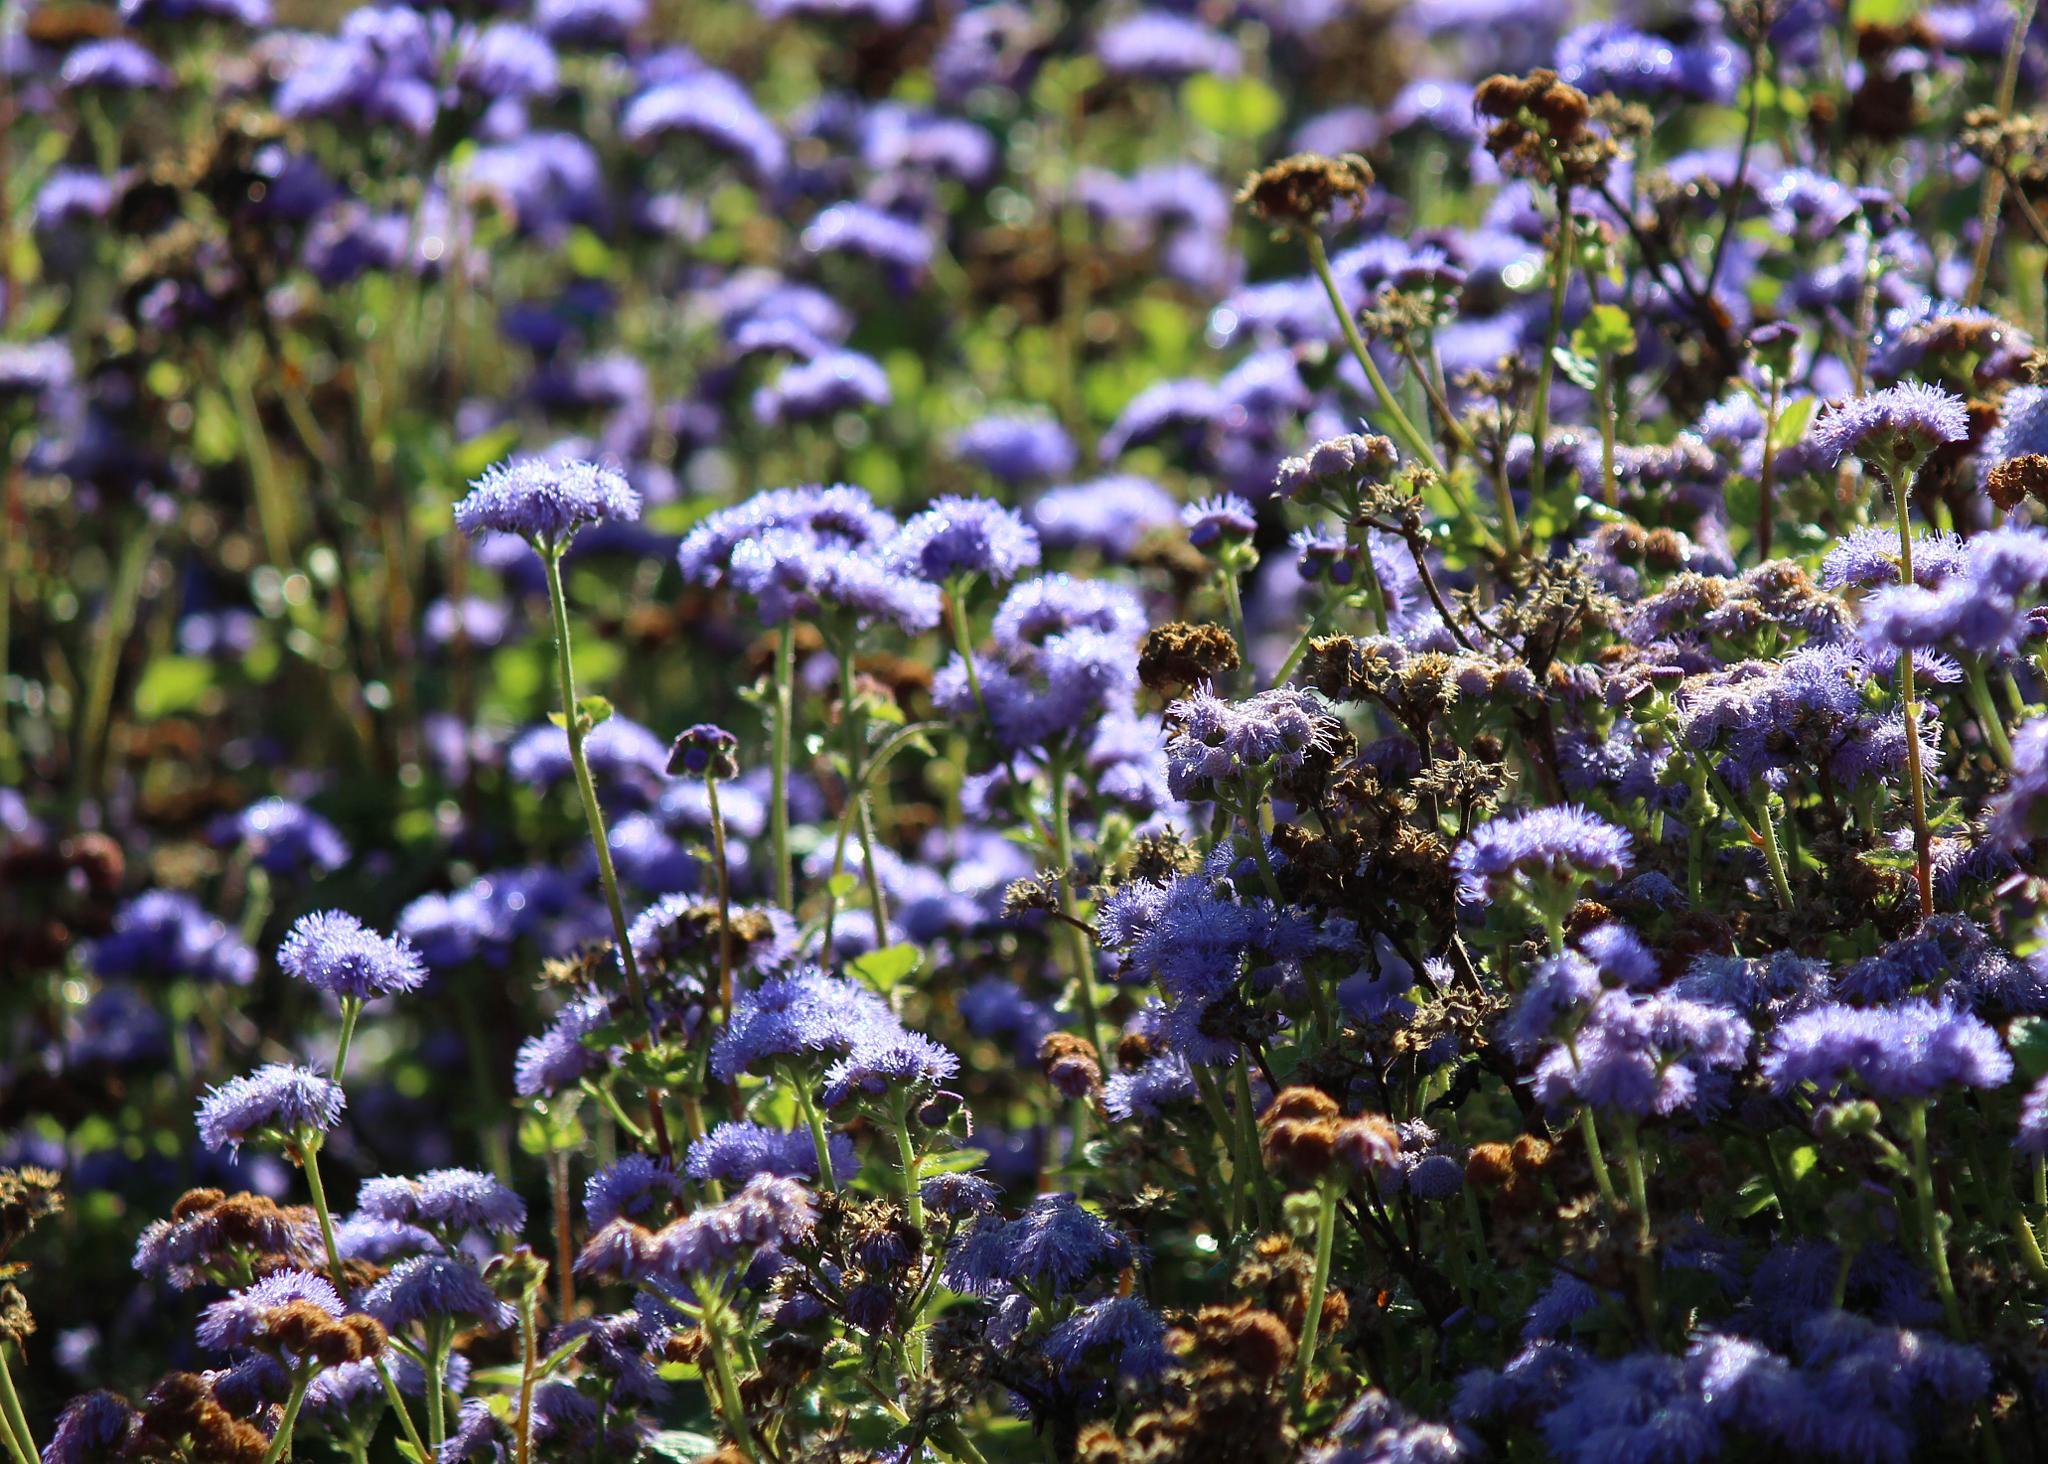 Field of purple by Ben Gagné